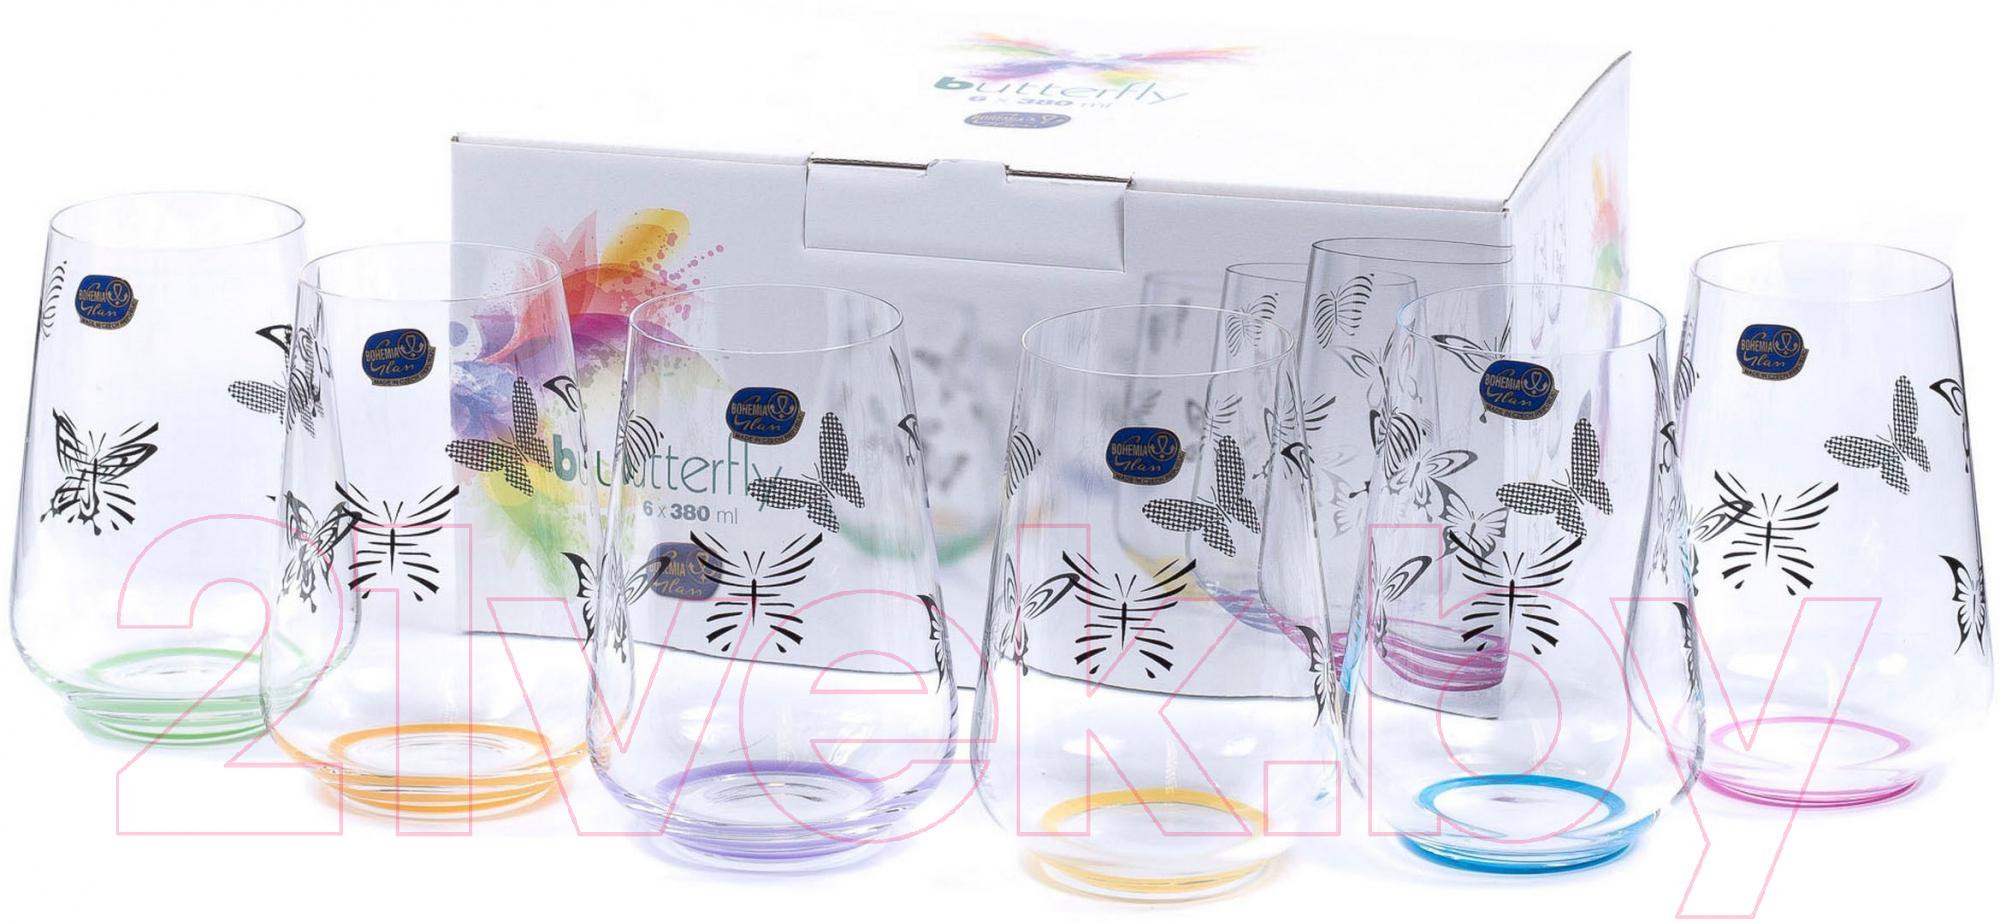 Купить Набор стаканов Bohemia, Crystal Butterfly 23013/S1432/380 (6шт), Чехия, стекло